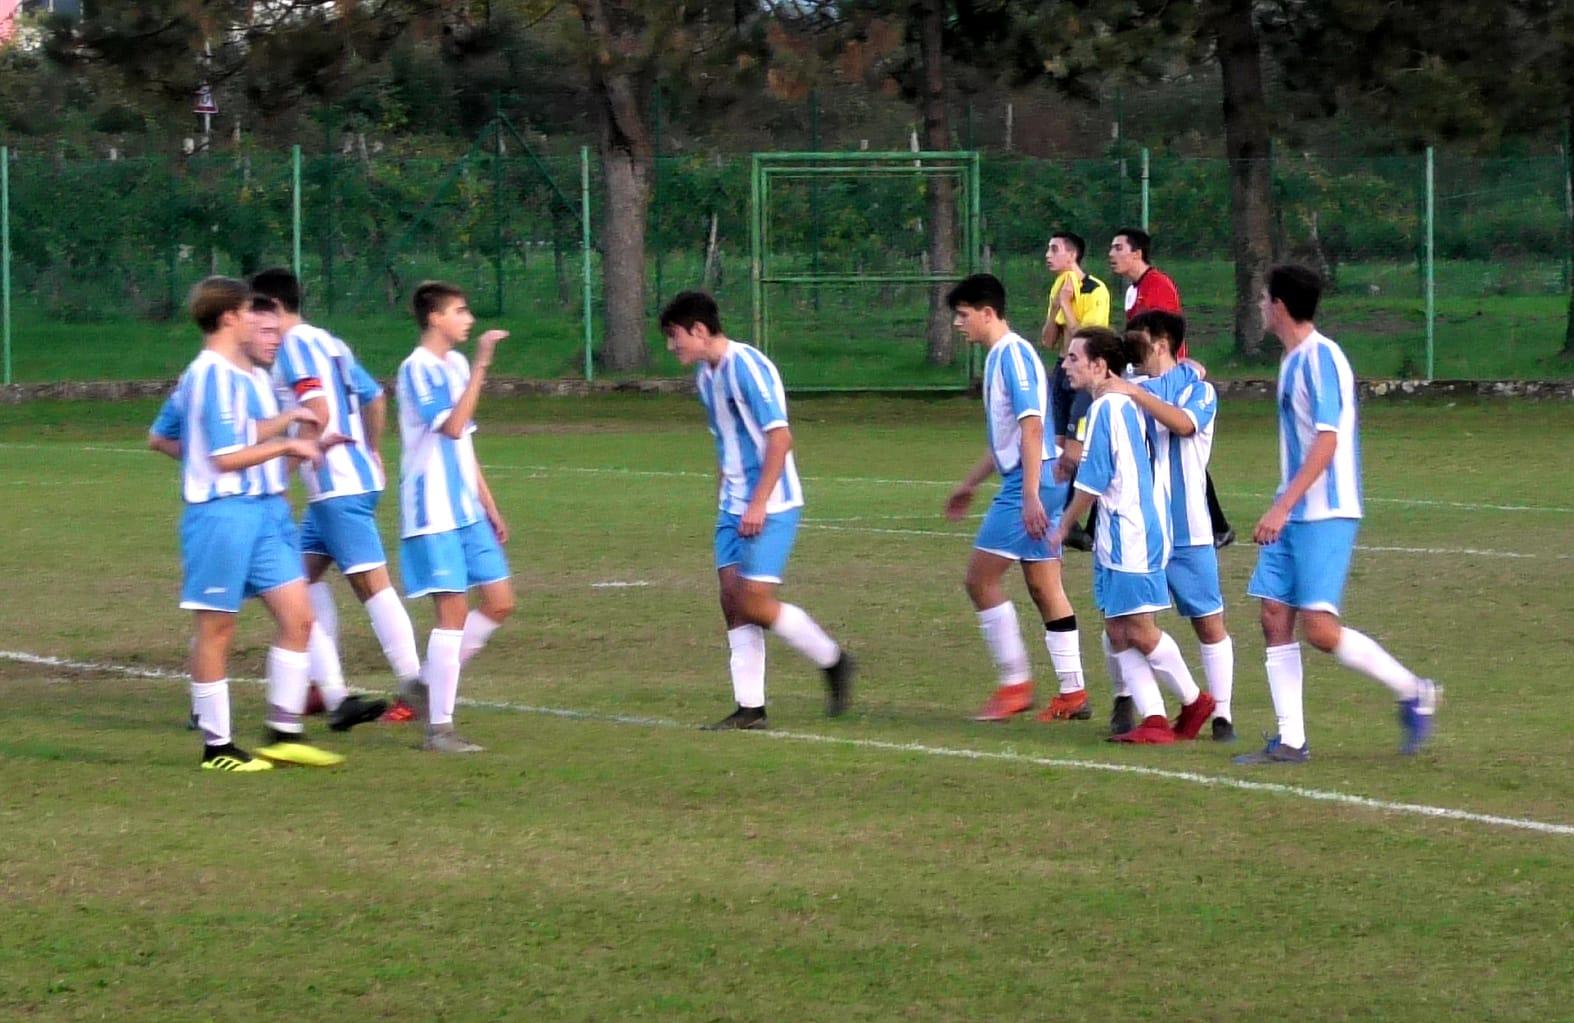 Immagine per Juniores, Pro Gorizia subito ko in campionato contro Staranzano